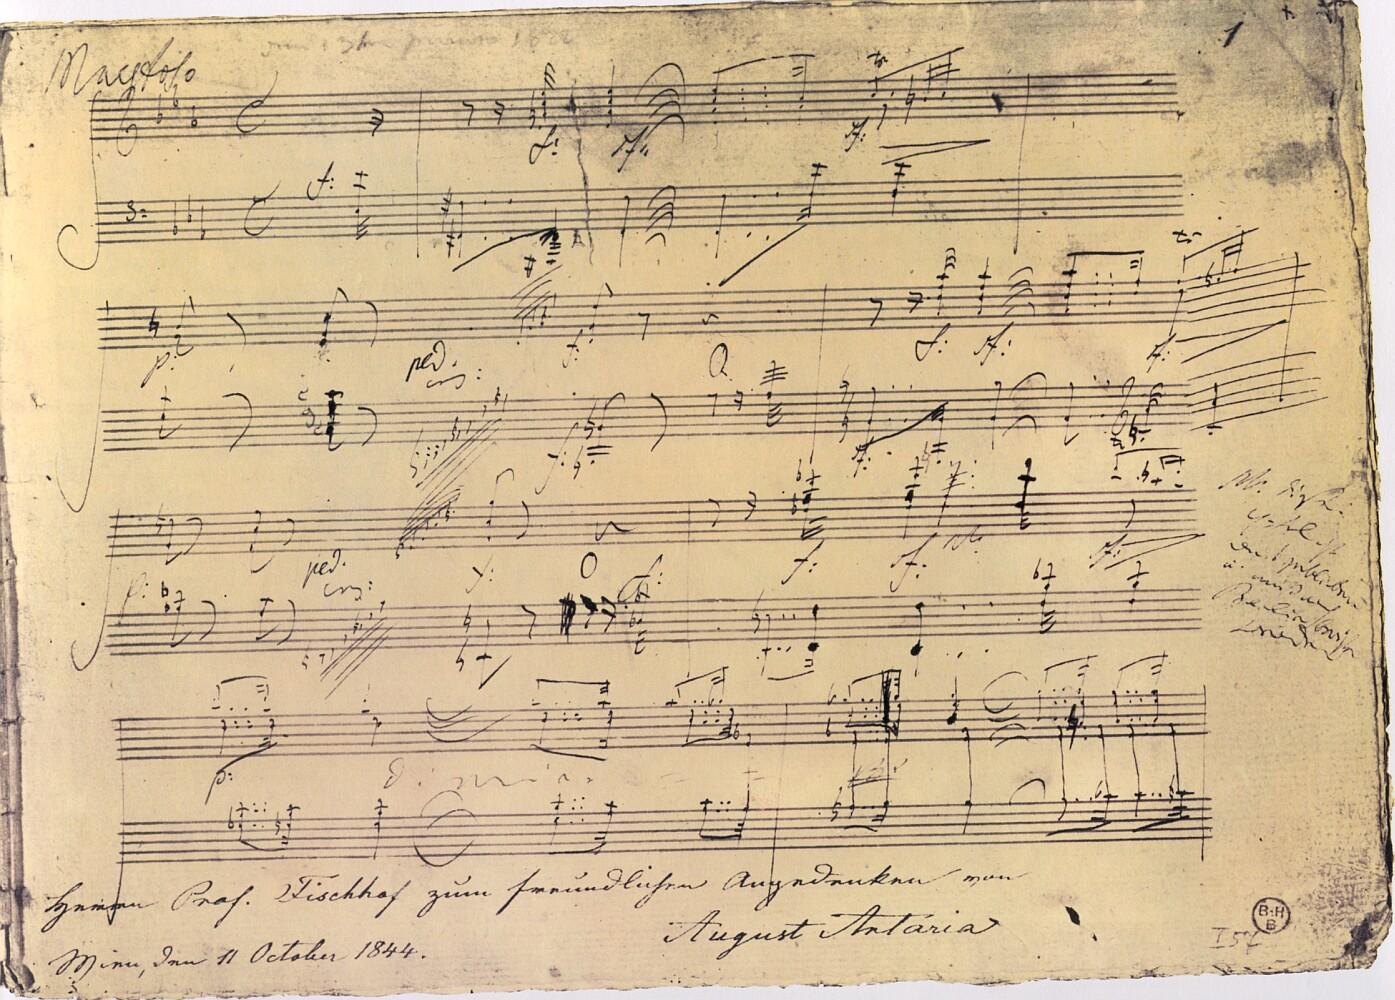 Erste Seite des Autographs von op. 111 • Foto Public Domain